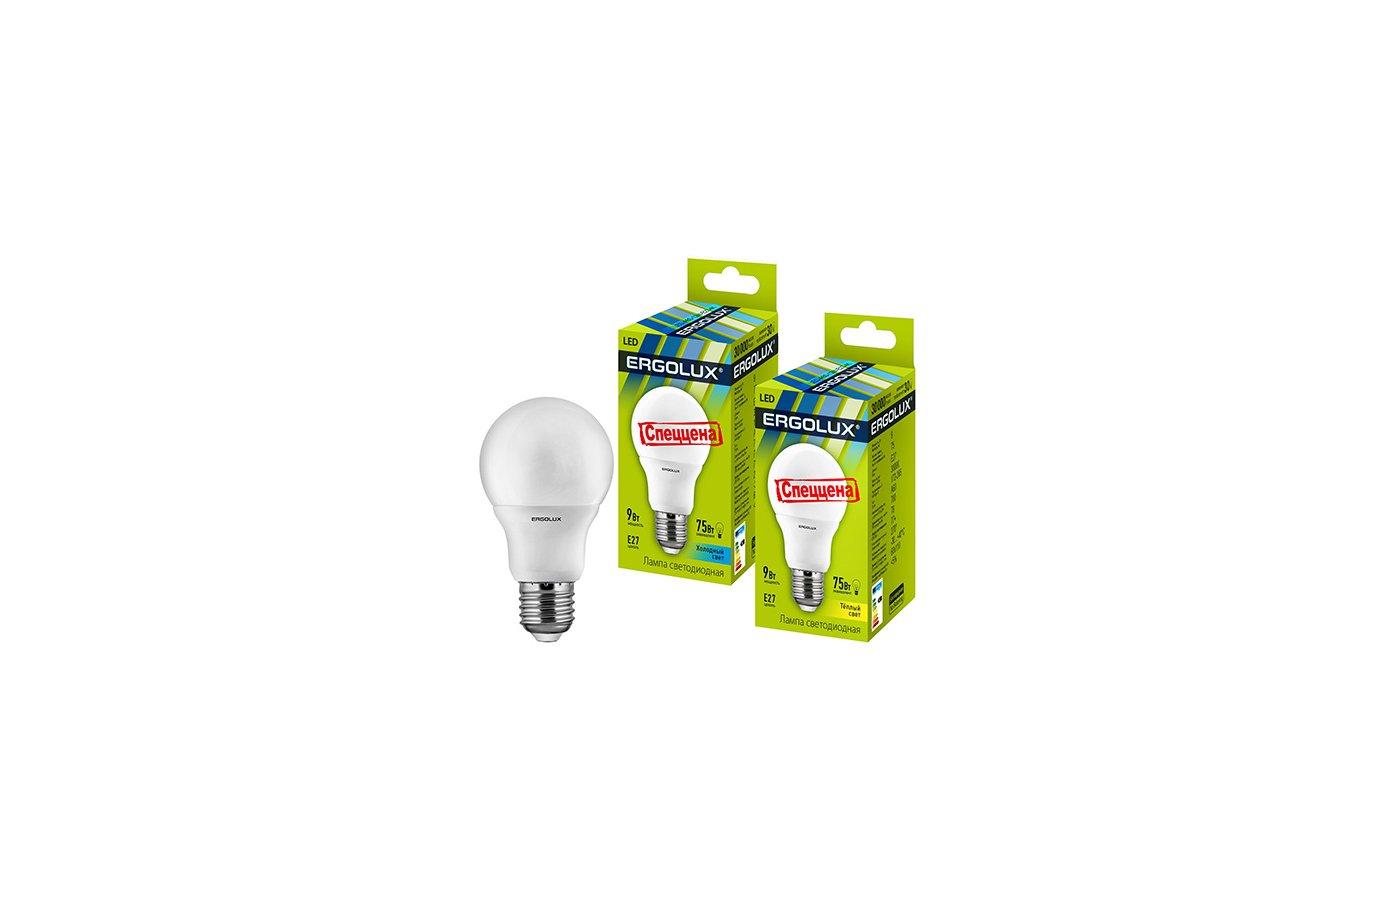 Лампочки LED Ergolux LED-A60-9W-E27-3K (Эл.лампа светодиодная ЛОН 9Вт E27 3000K 172-265В)